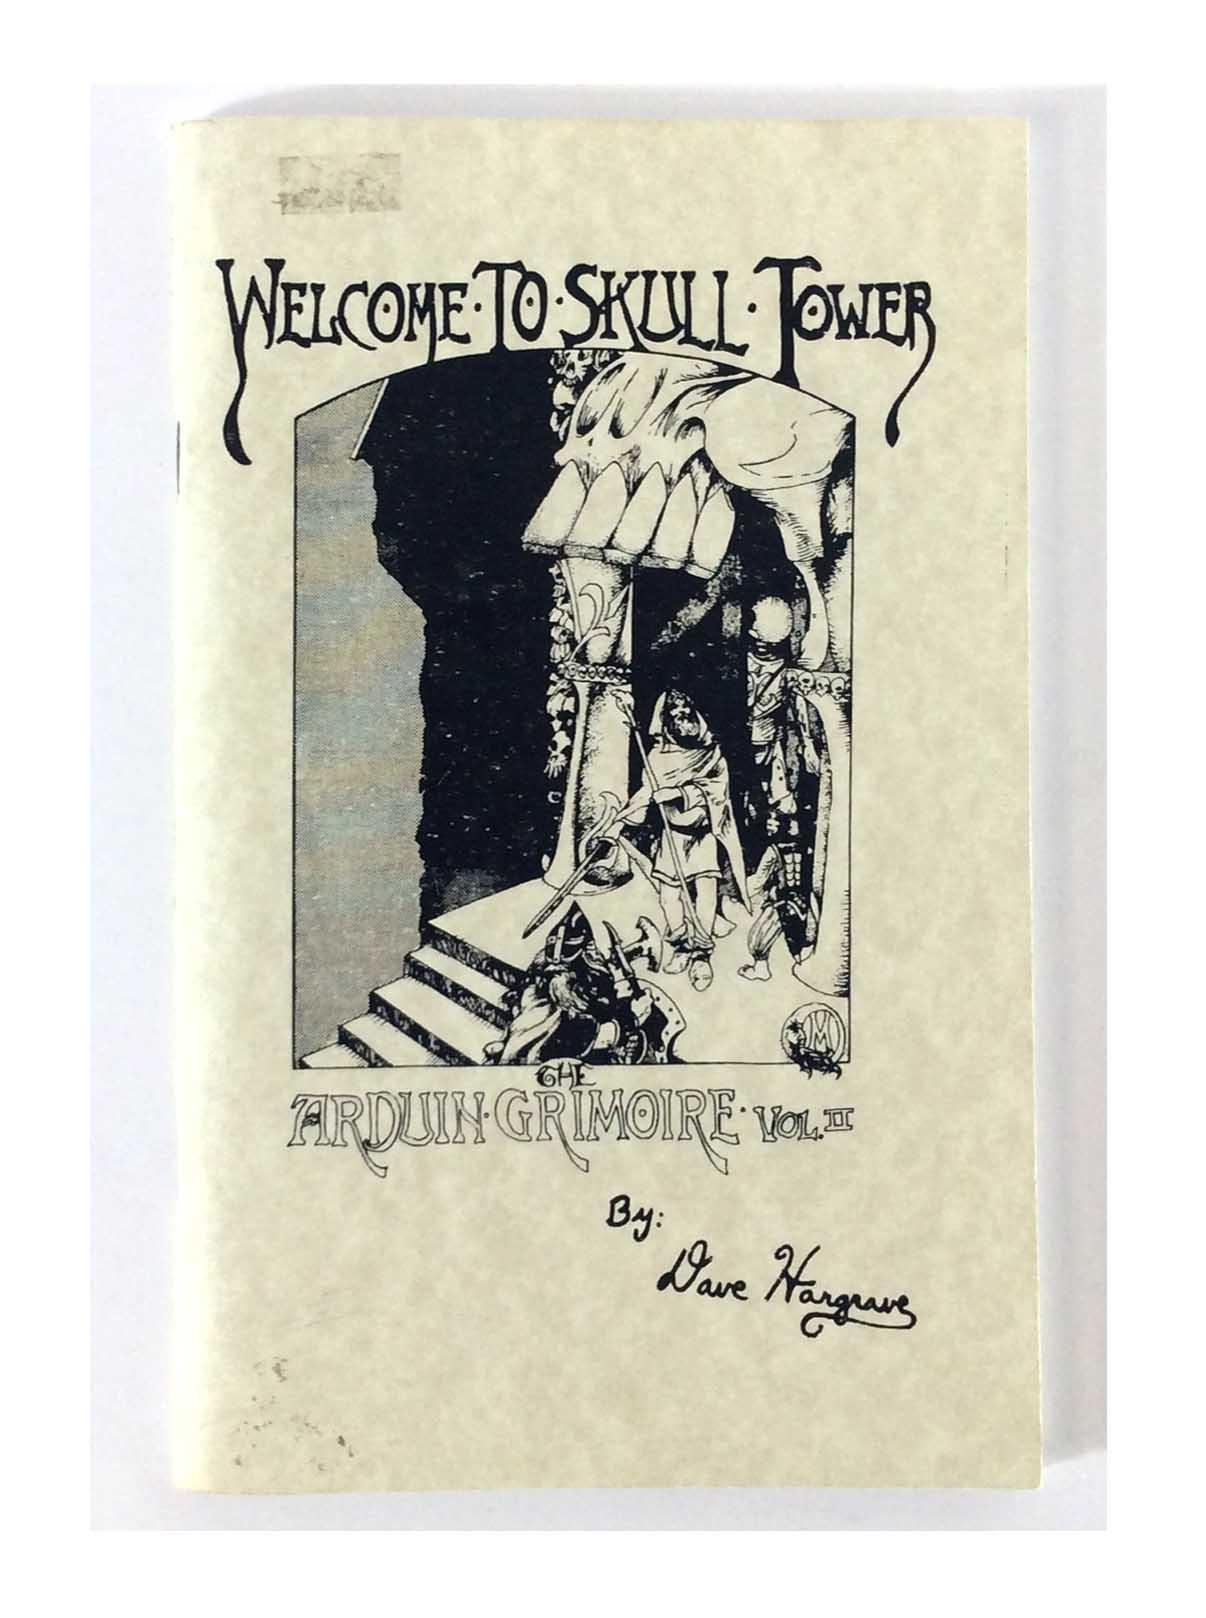 Emperor's  Arduin Arduin Grimoire  2 - Welcome to Skull Tower  Reprint E SC VG+